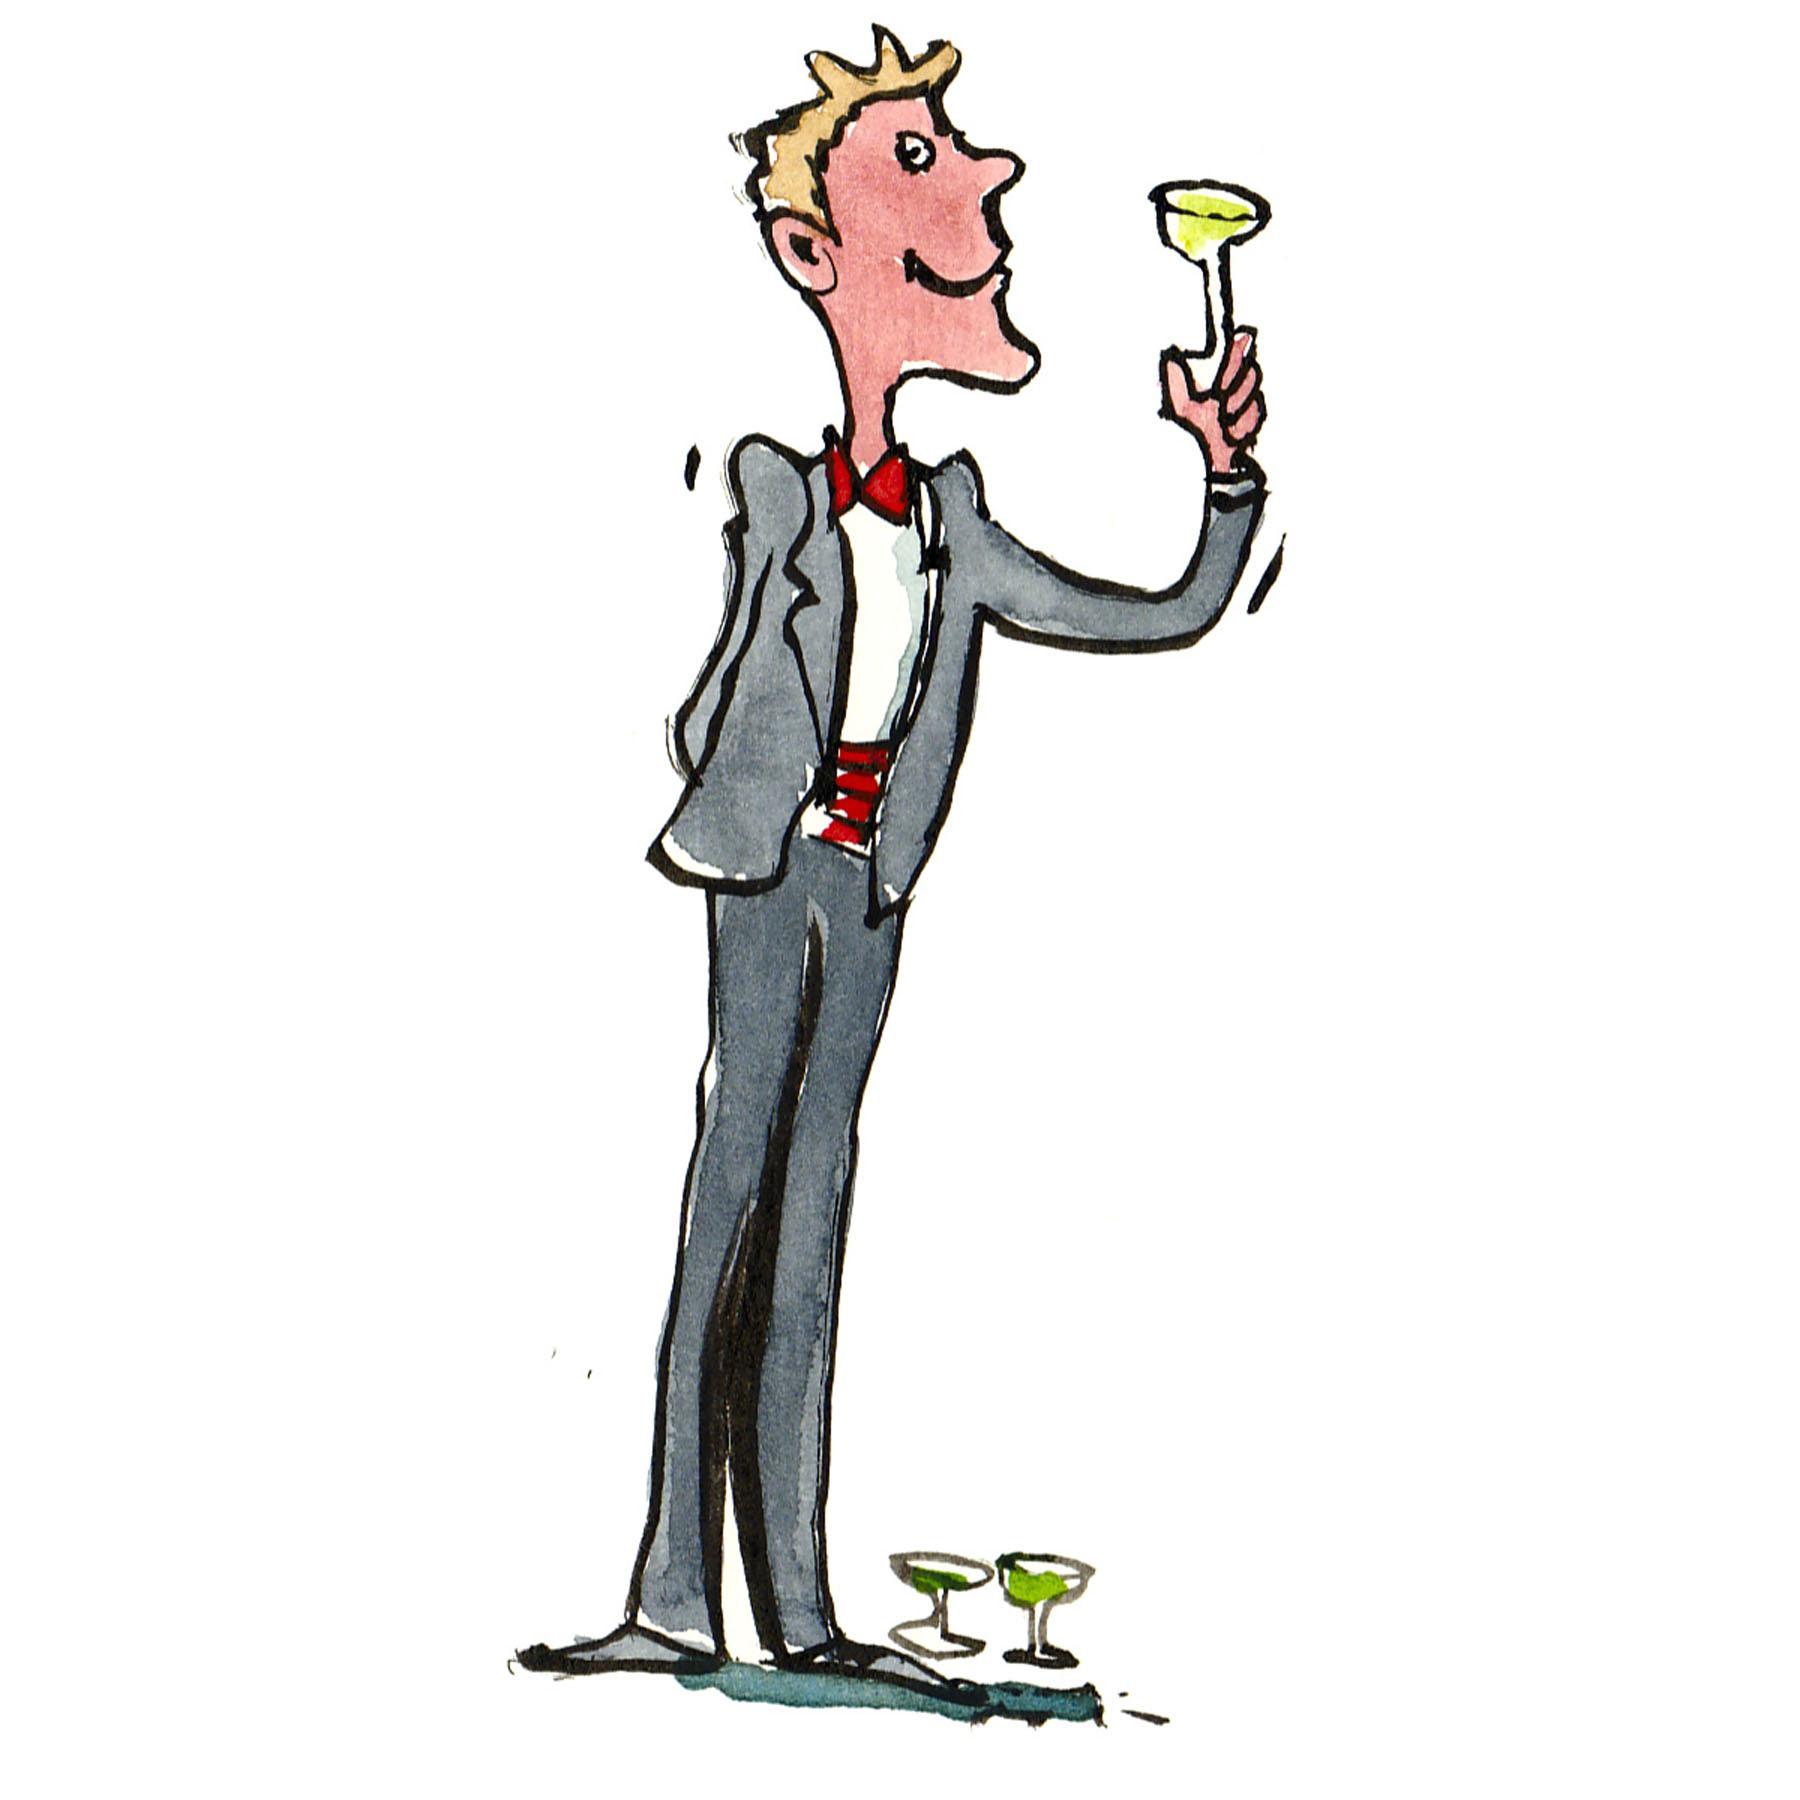 Mand i jakkesæt der skåler med glas - illustration af Frits Ahlefeldt